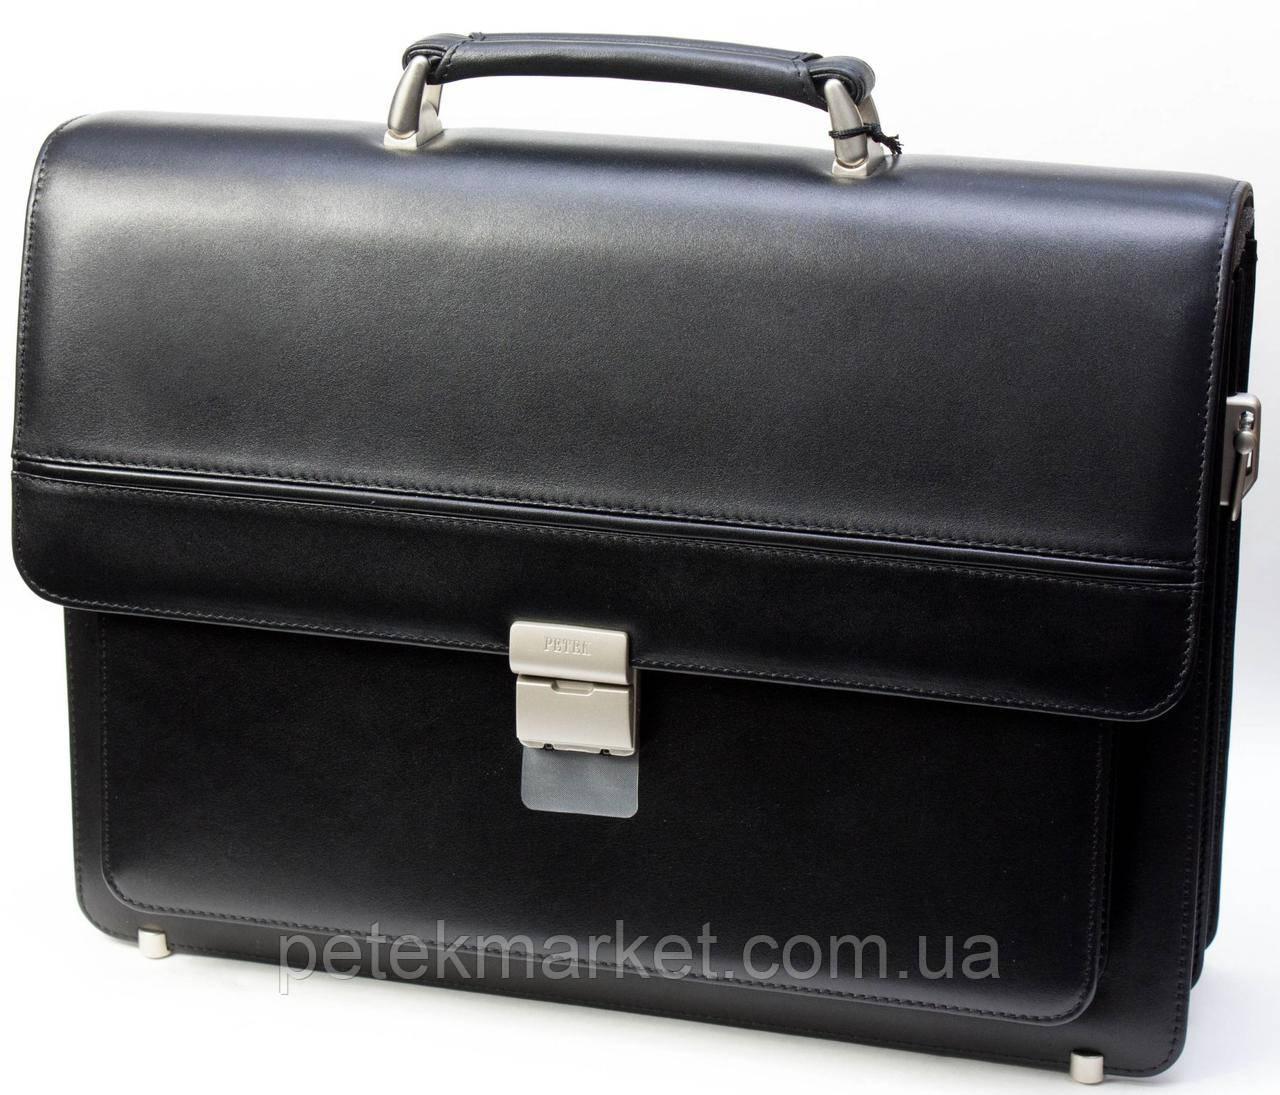 Кожаный портфель Petek 854